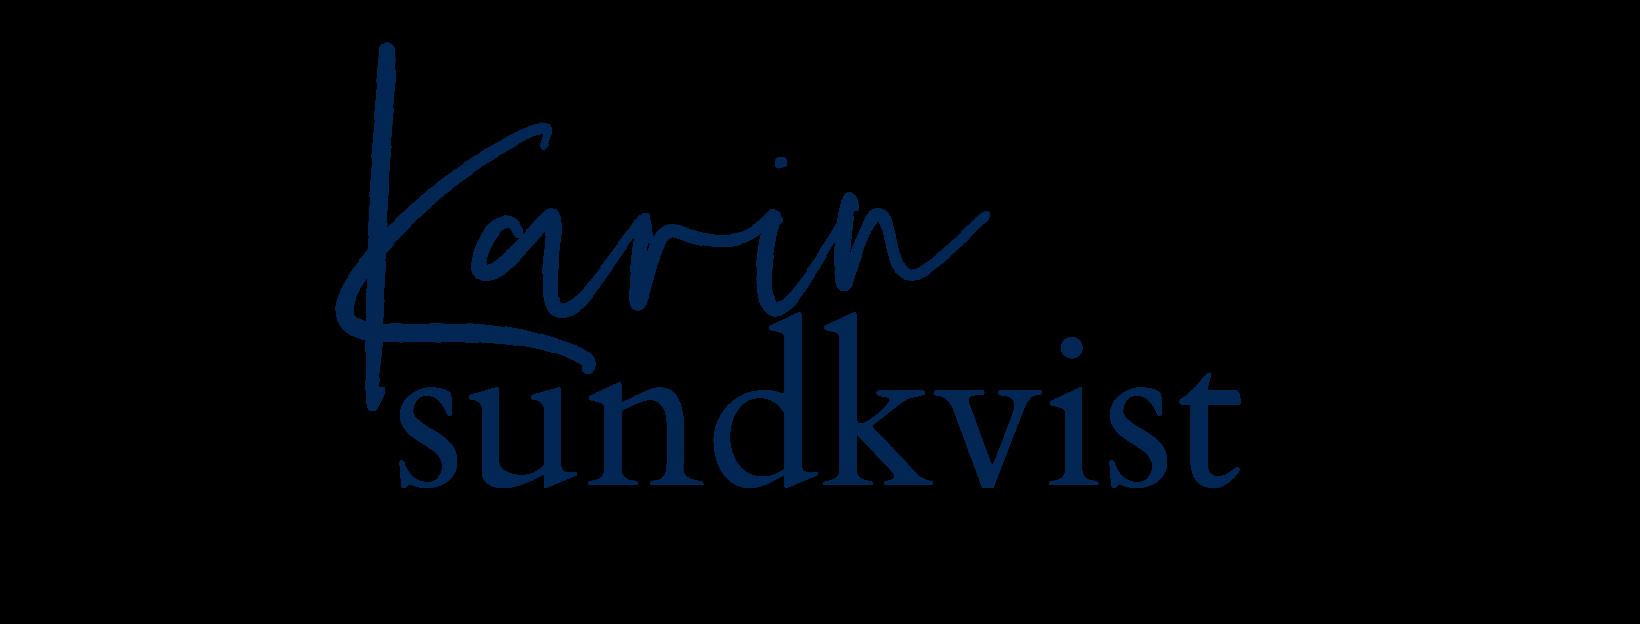 Karin Sundkvist